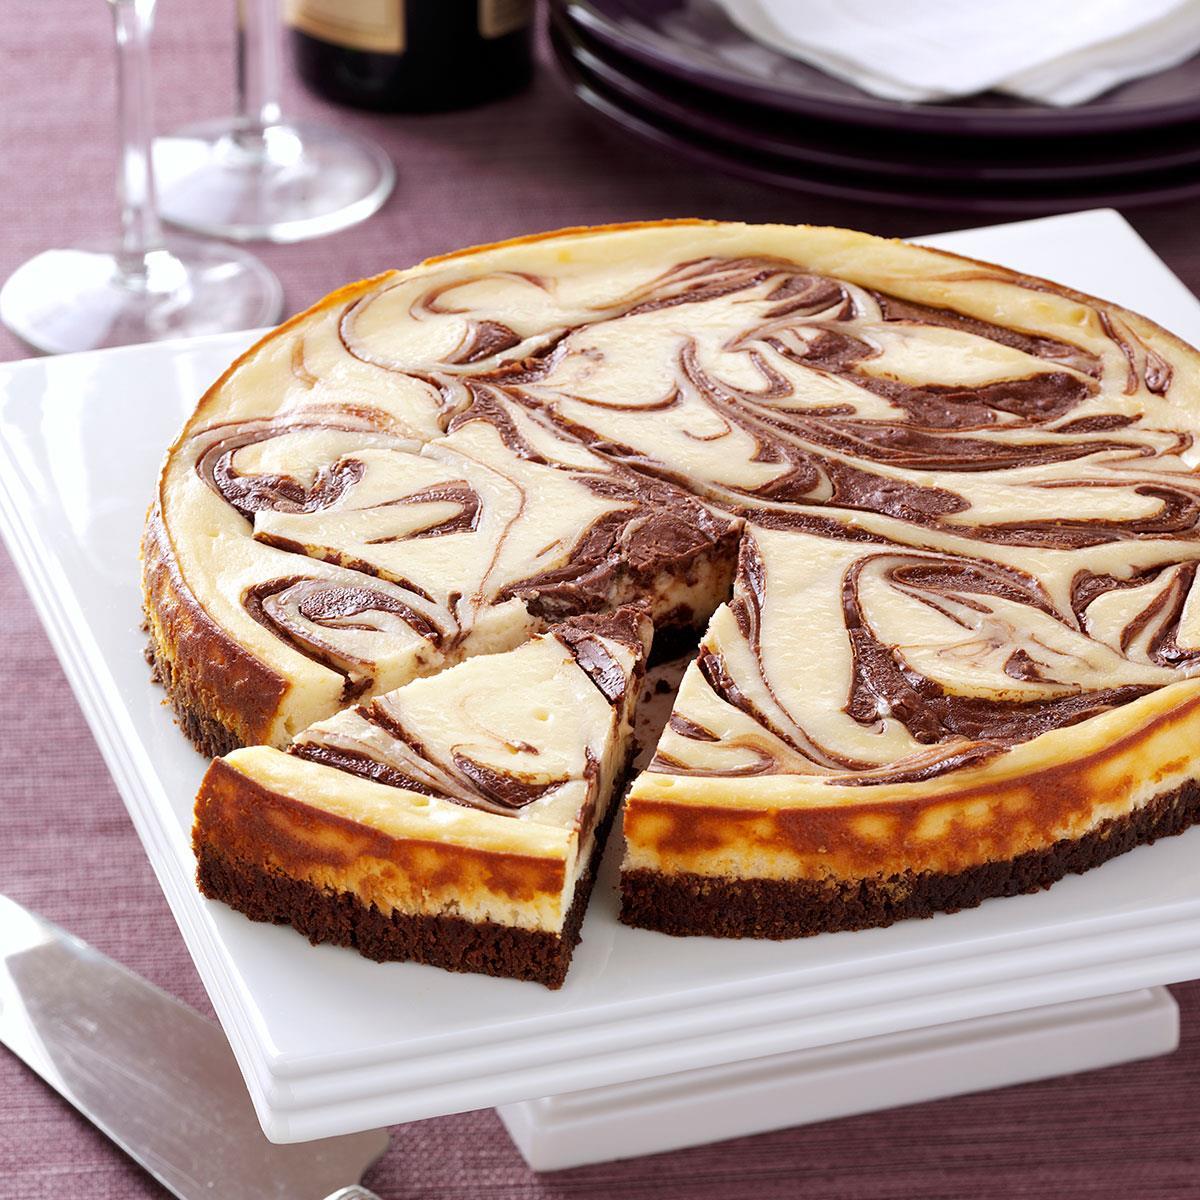 Prime Rib Chocolate Cake Menu